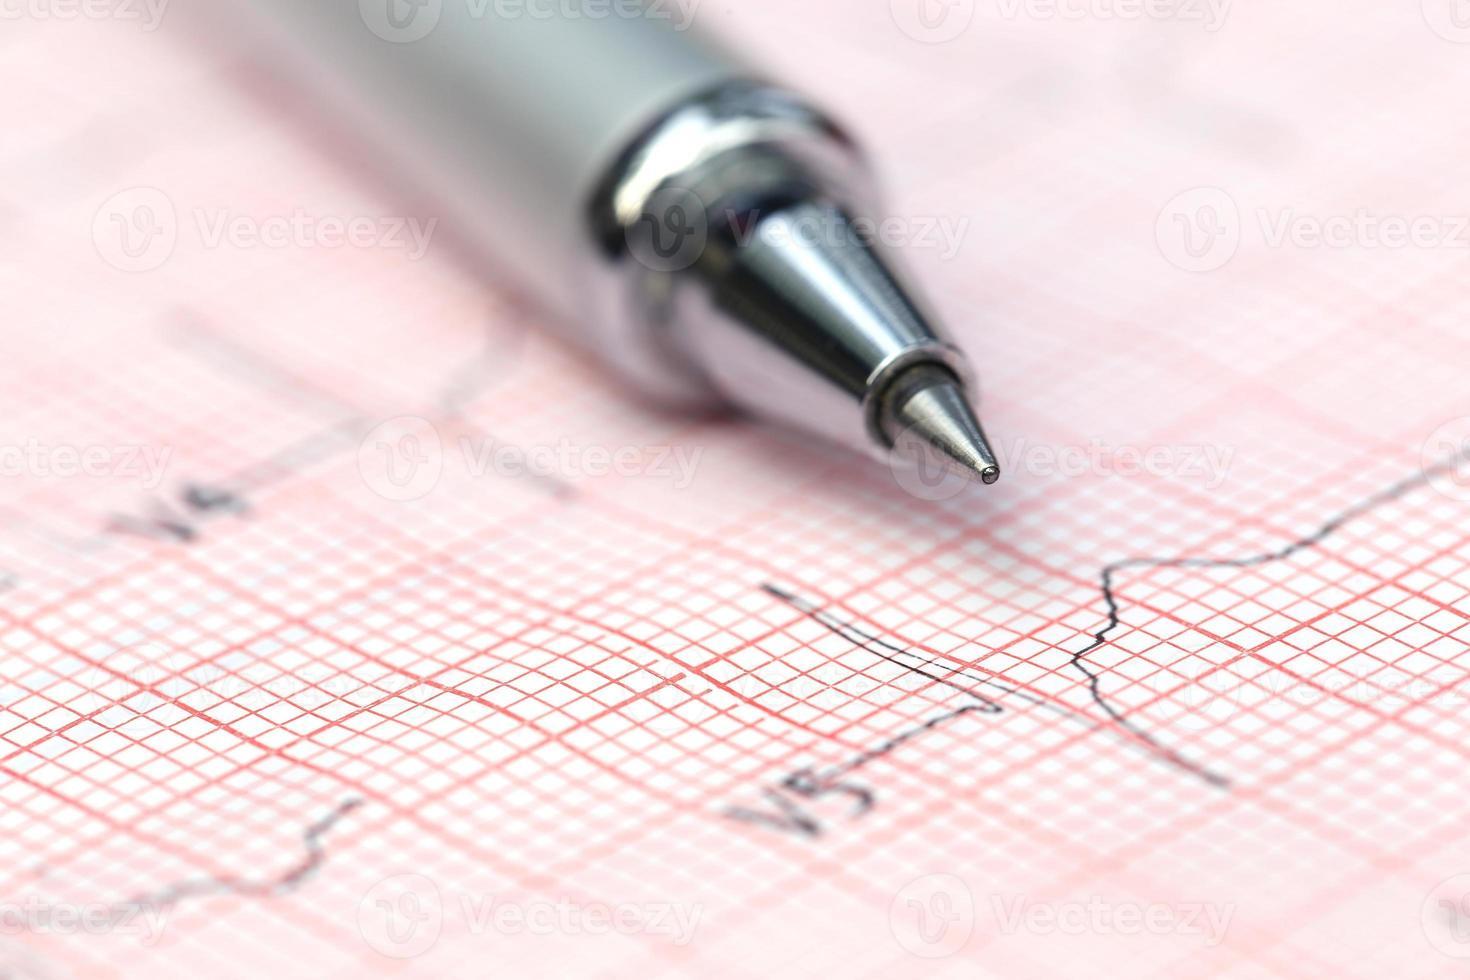 elektrokardiograf med penna foto